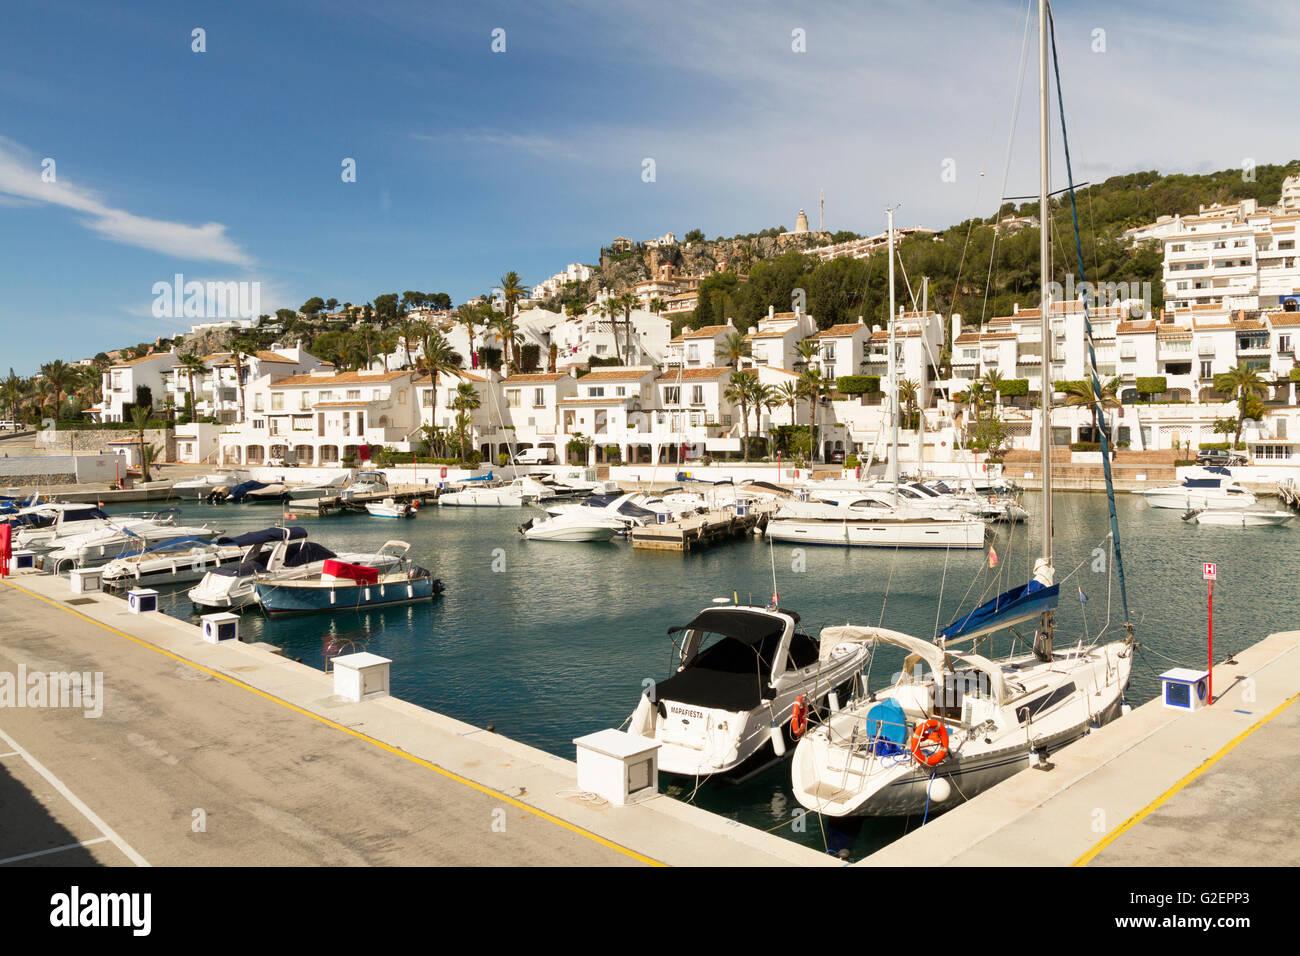 Puerto marina del este in la herradura on the costa del - Marina del este la herradura ...